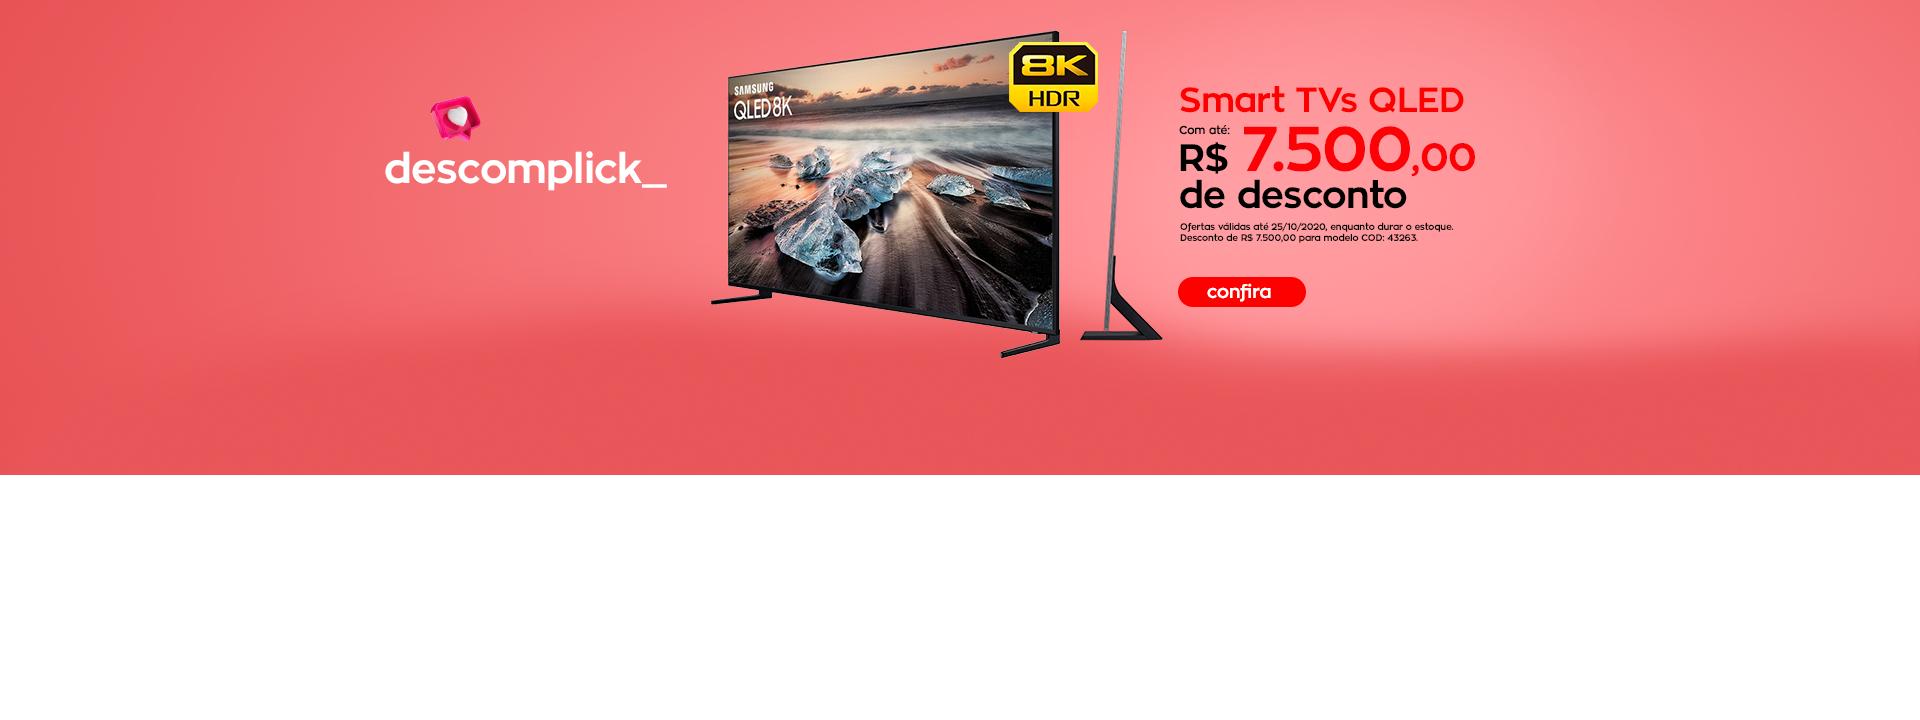 Descomplick TVs